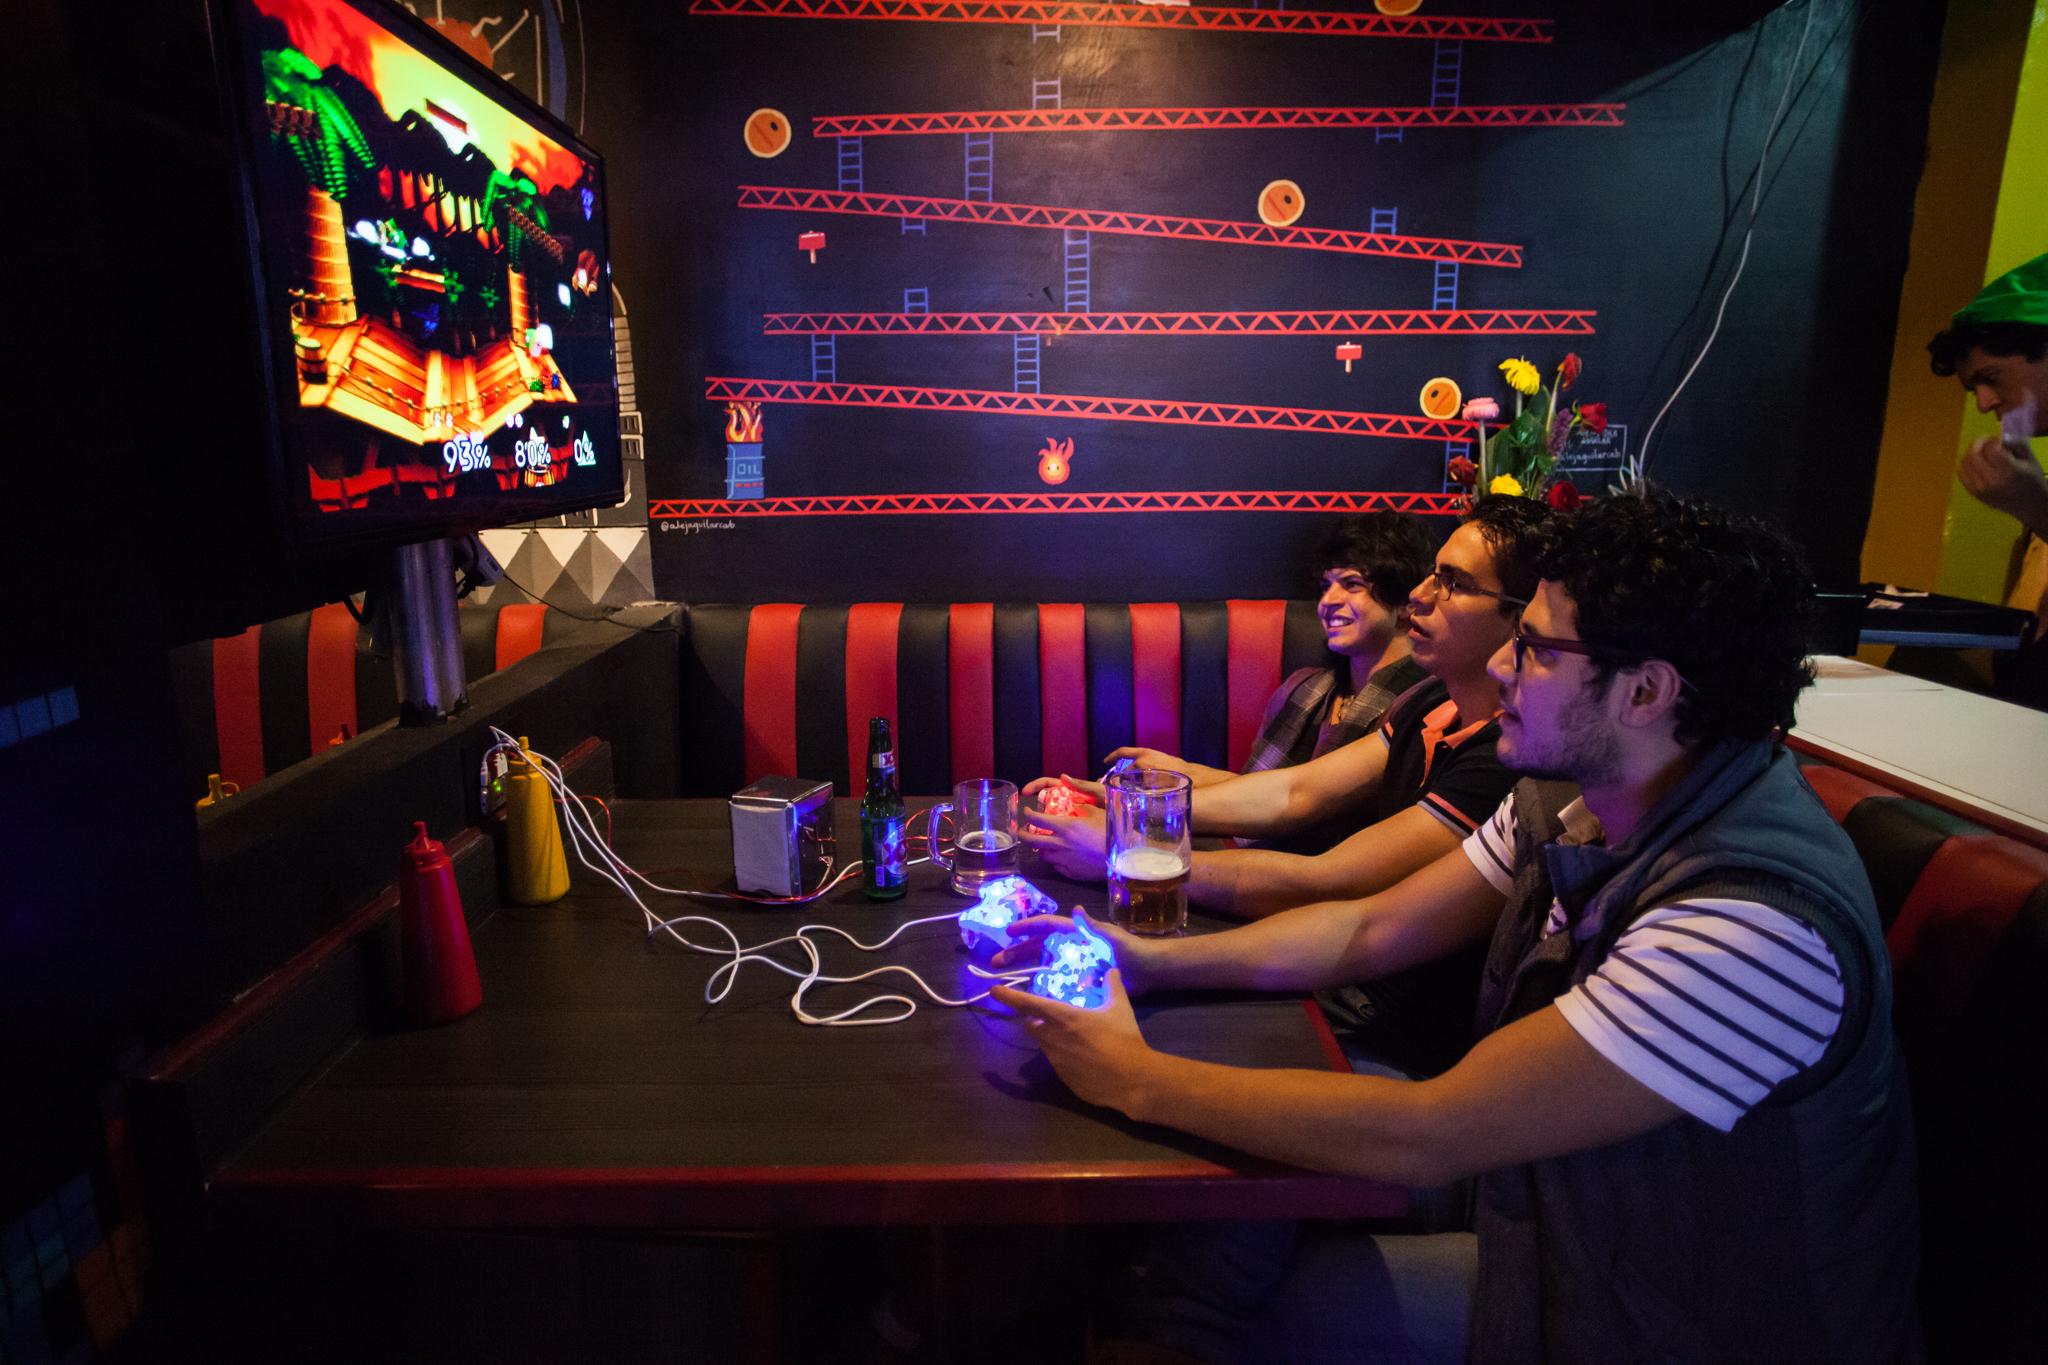 Checkpoint bar de videojuegos